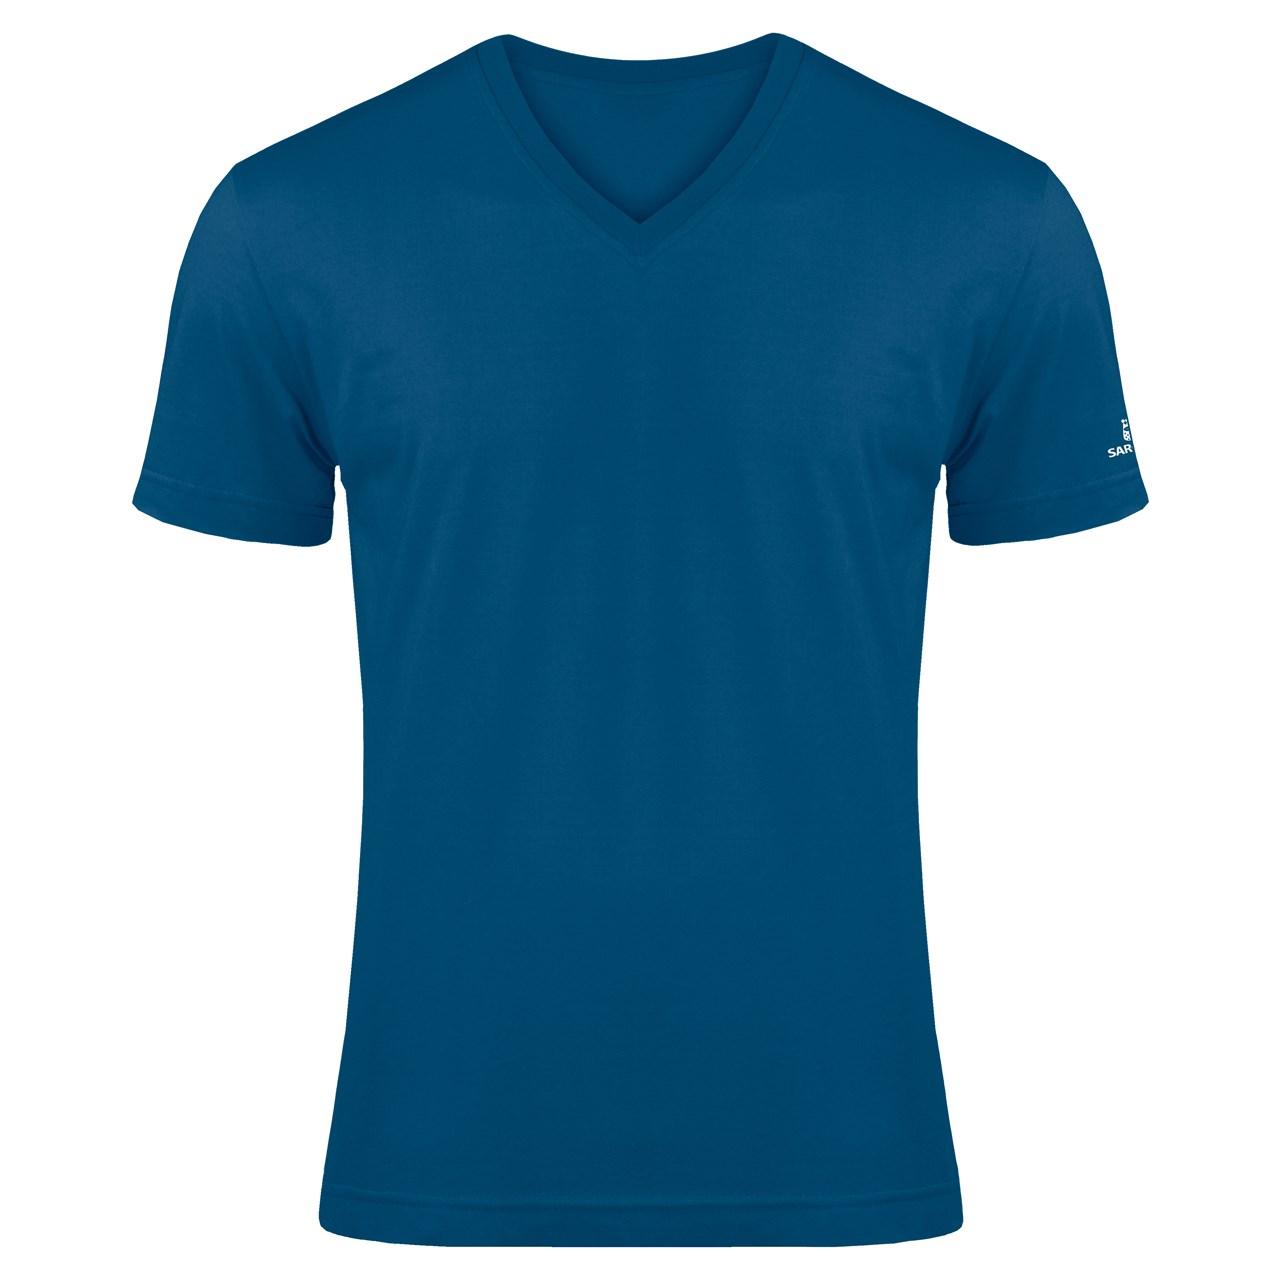 تی شرت مردانه ساروک مدل G کد 06